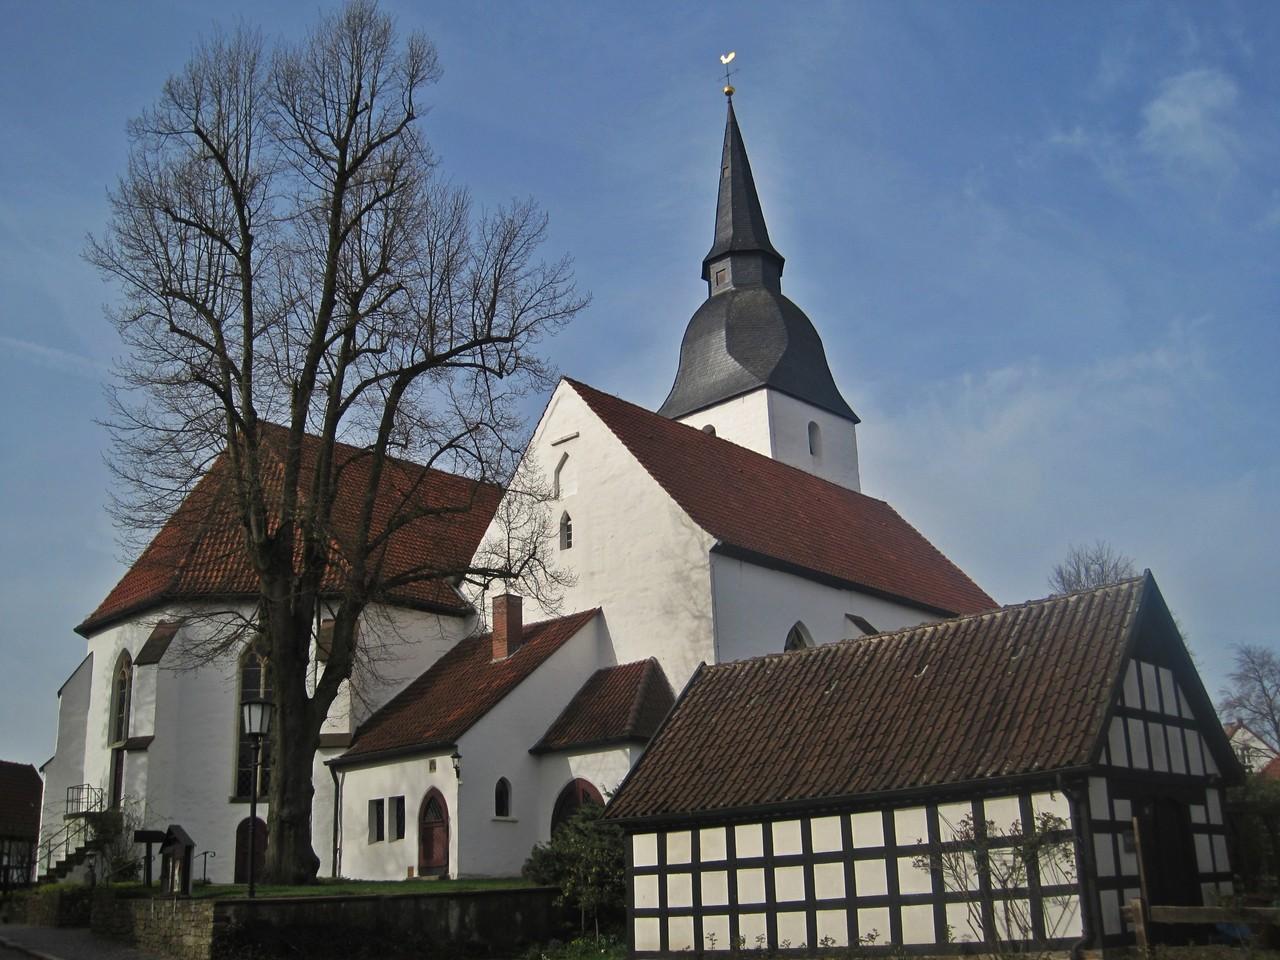 Kloster- und Gemeindekirche